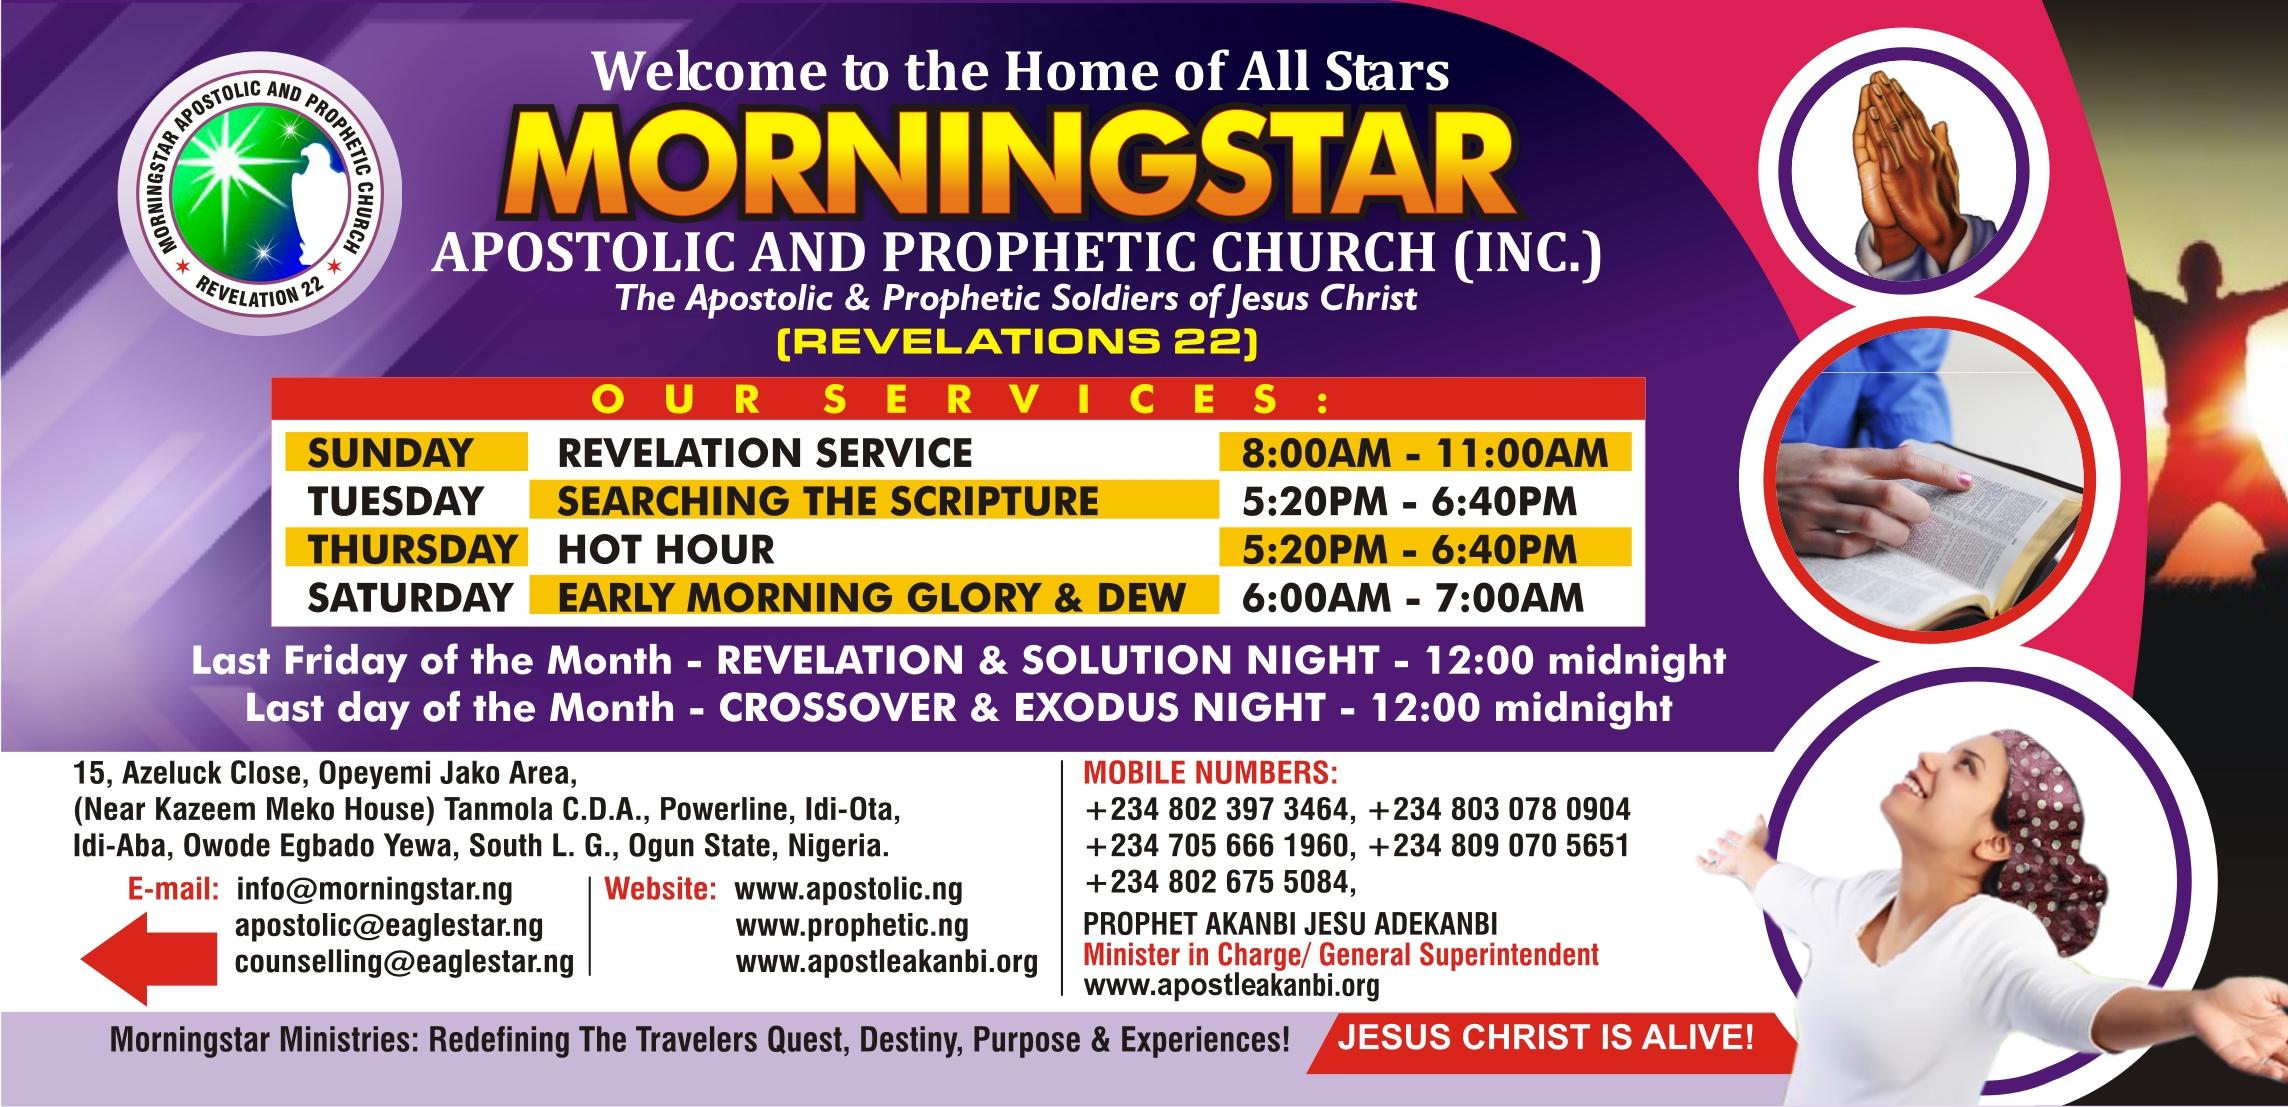 The Apostolic & Prophetic Destiny Solution Ministries, The Apostle